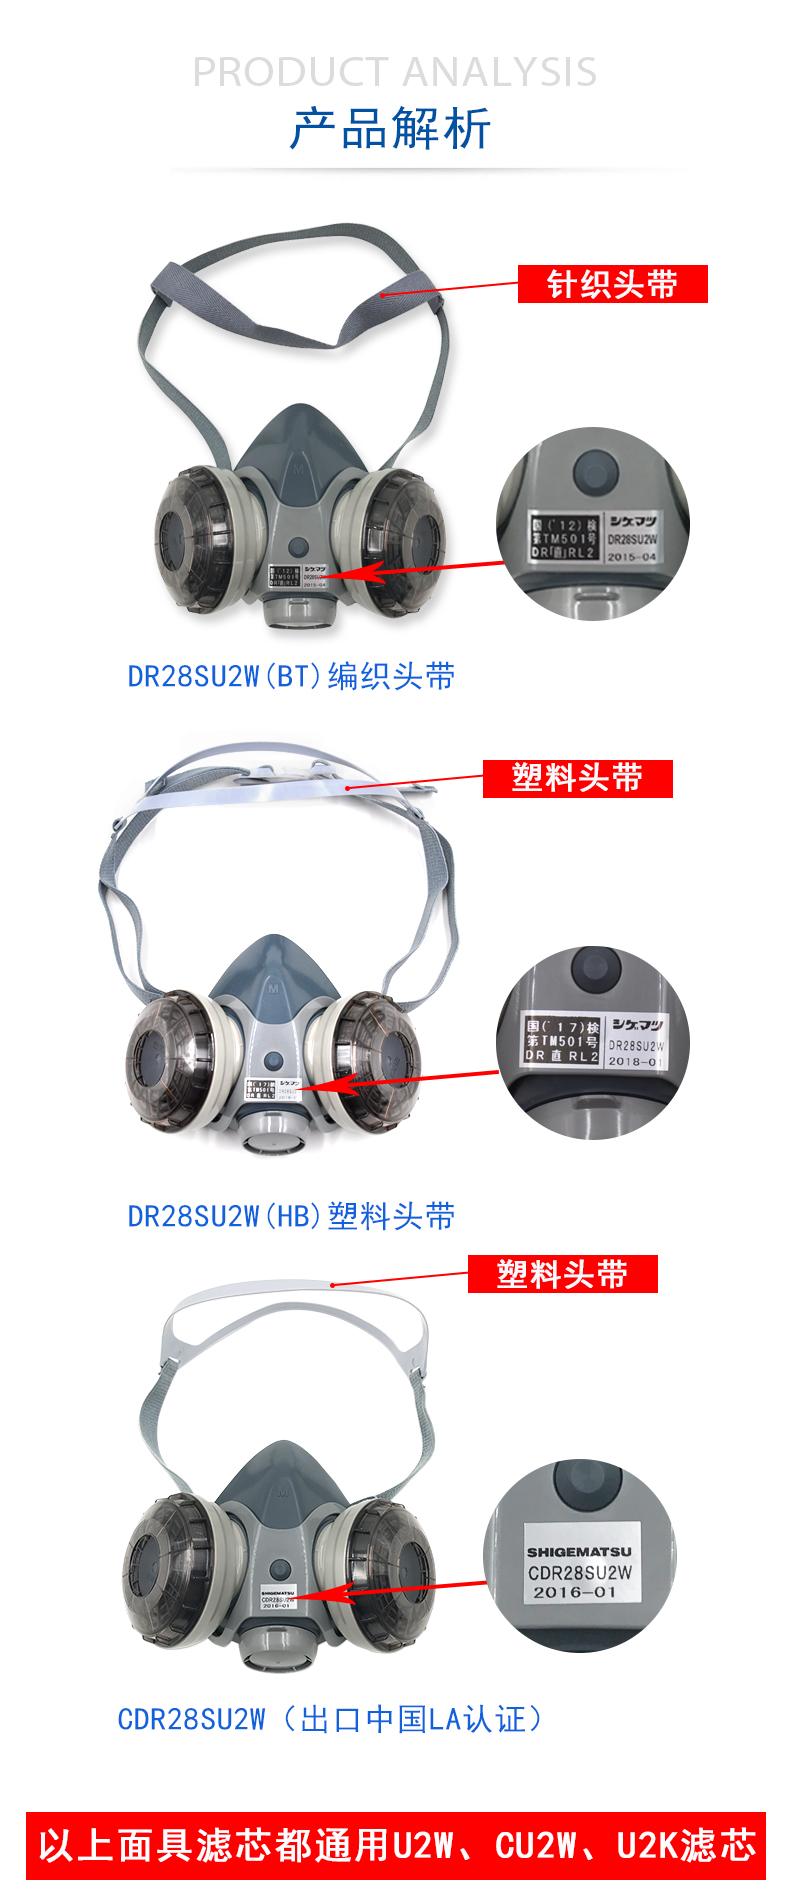 DR28SU2W防尘面具详情2018_06.jpg